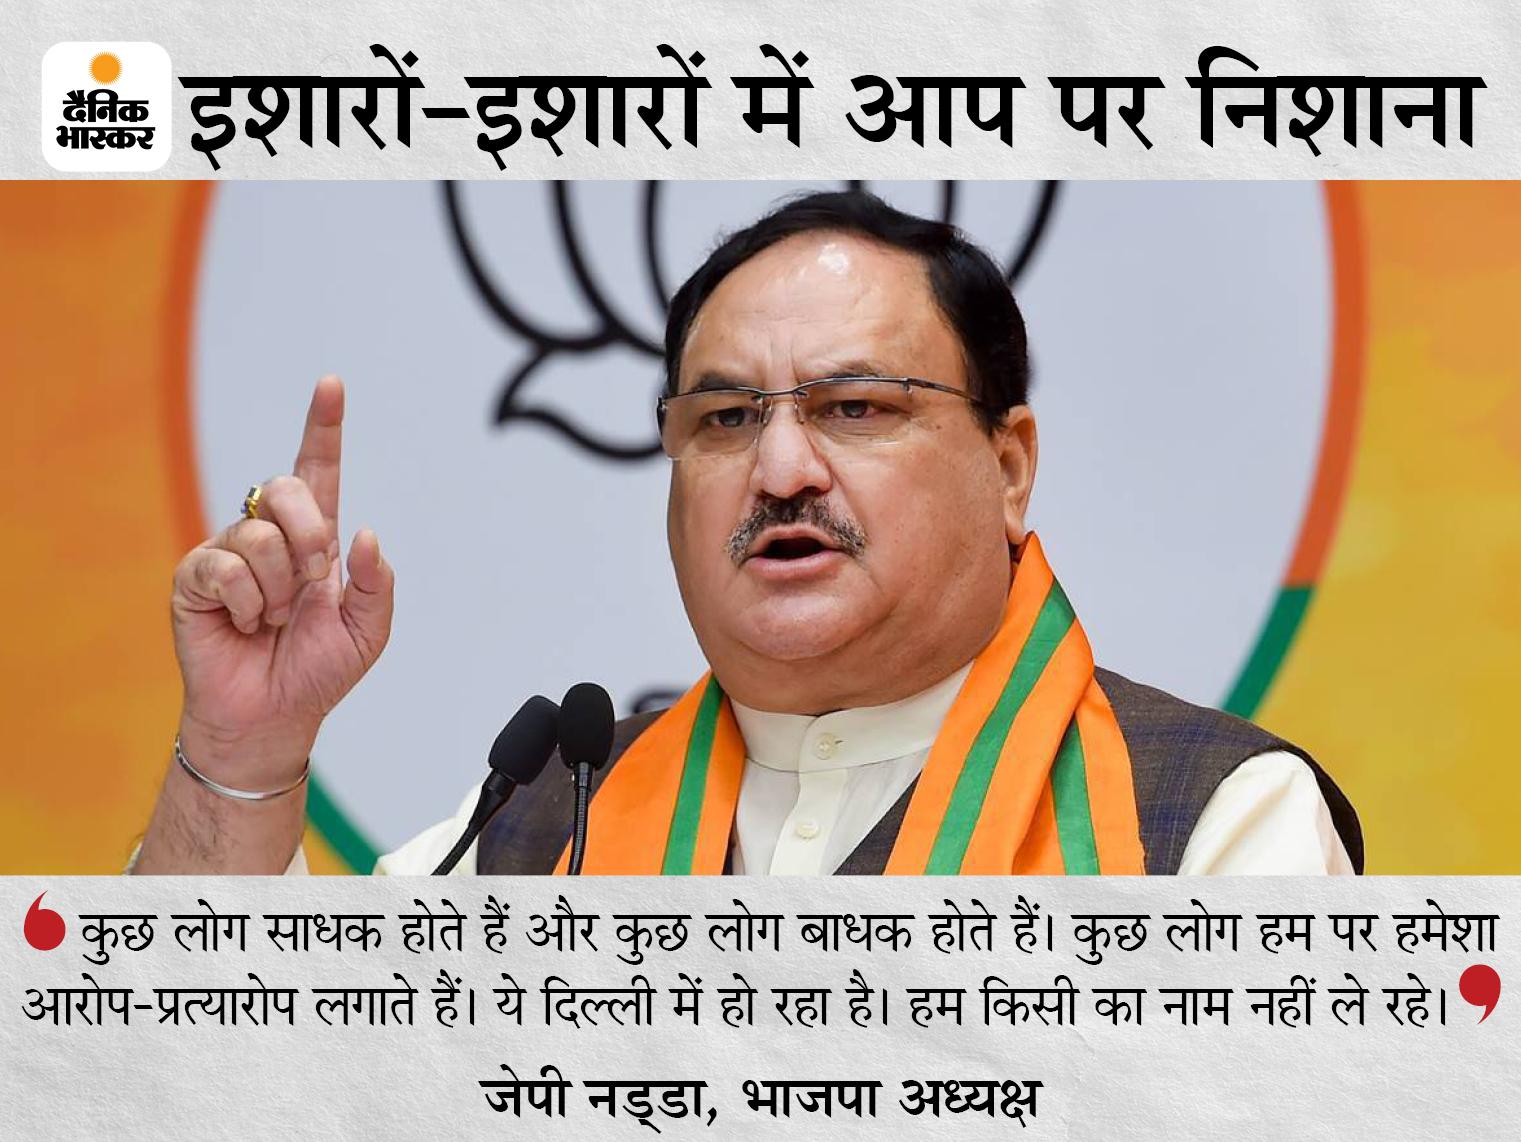 BJP अध्यक्ष बोले- कुछ लोग मोहल्ला क्लीनिक के नाम पर बड़ी-बड़ी बातें करते थे, महामारी आई तो सब केंद्र पर डाल दिया|देश,National - Dainik Bhaskar